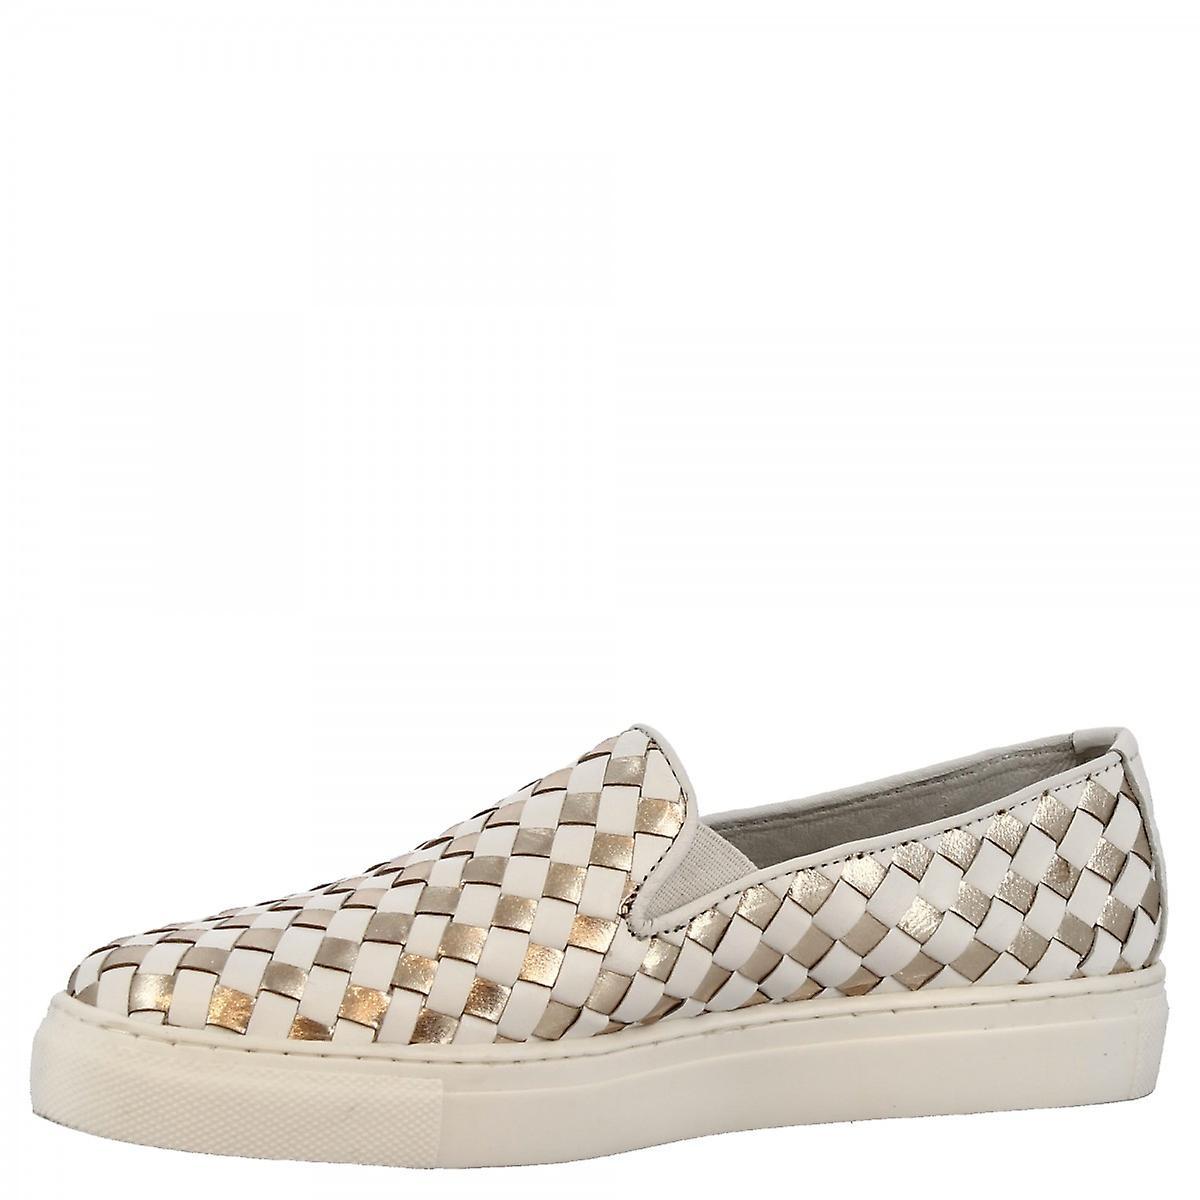 Leonardo Shoes Women's handmade slip-on sneakers in white gold woven leather